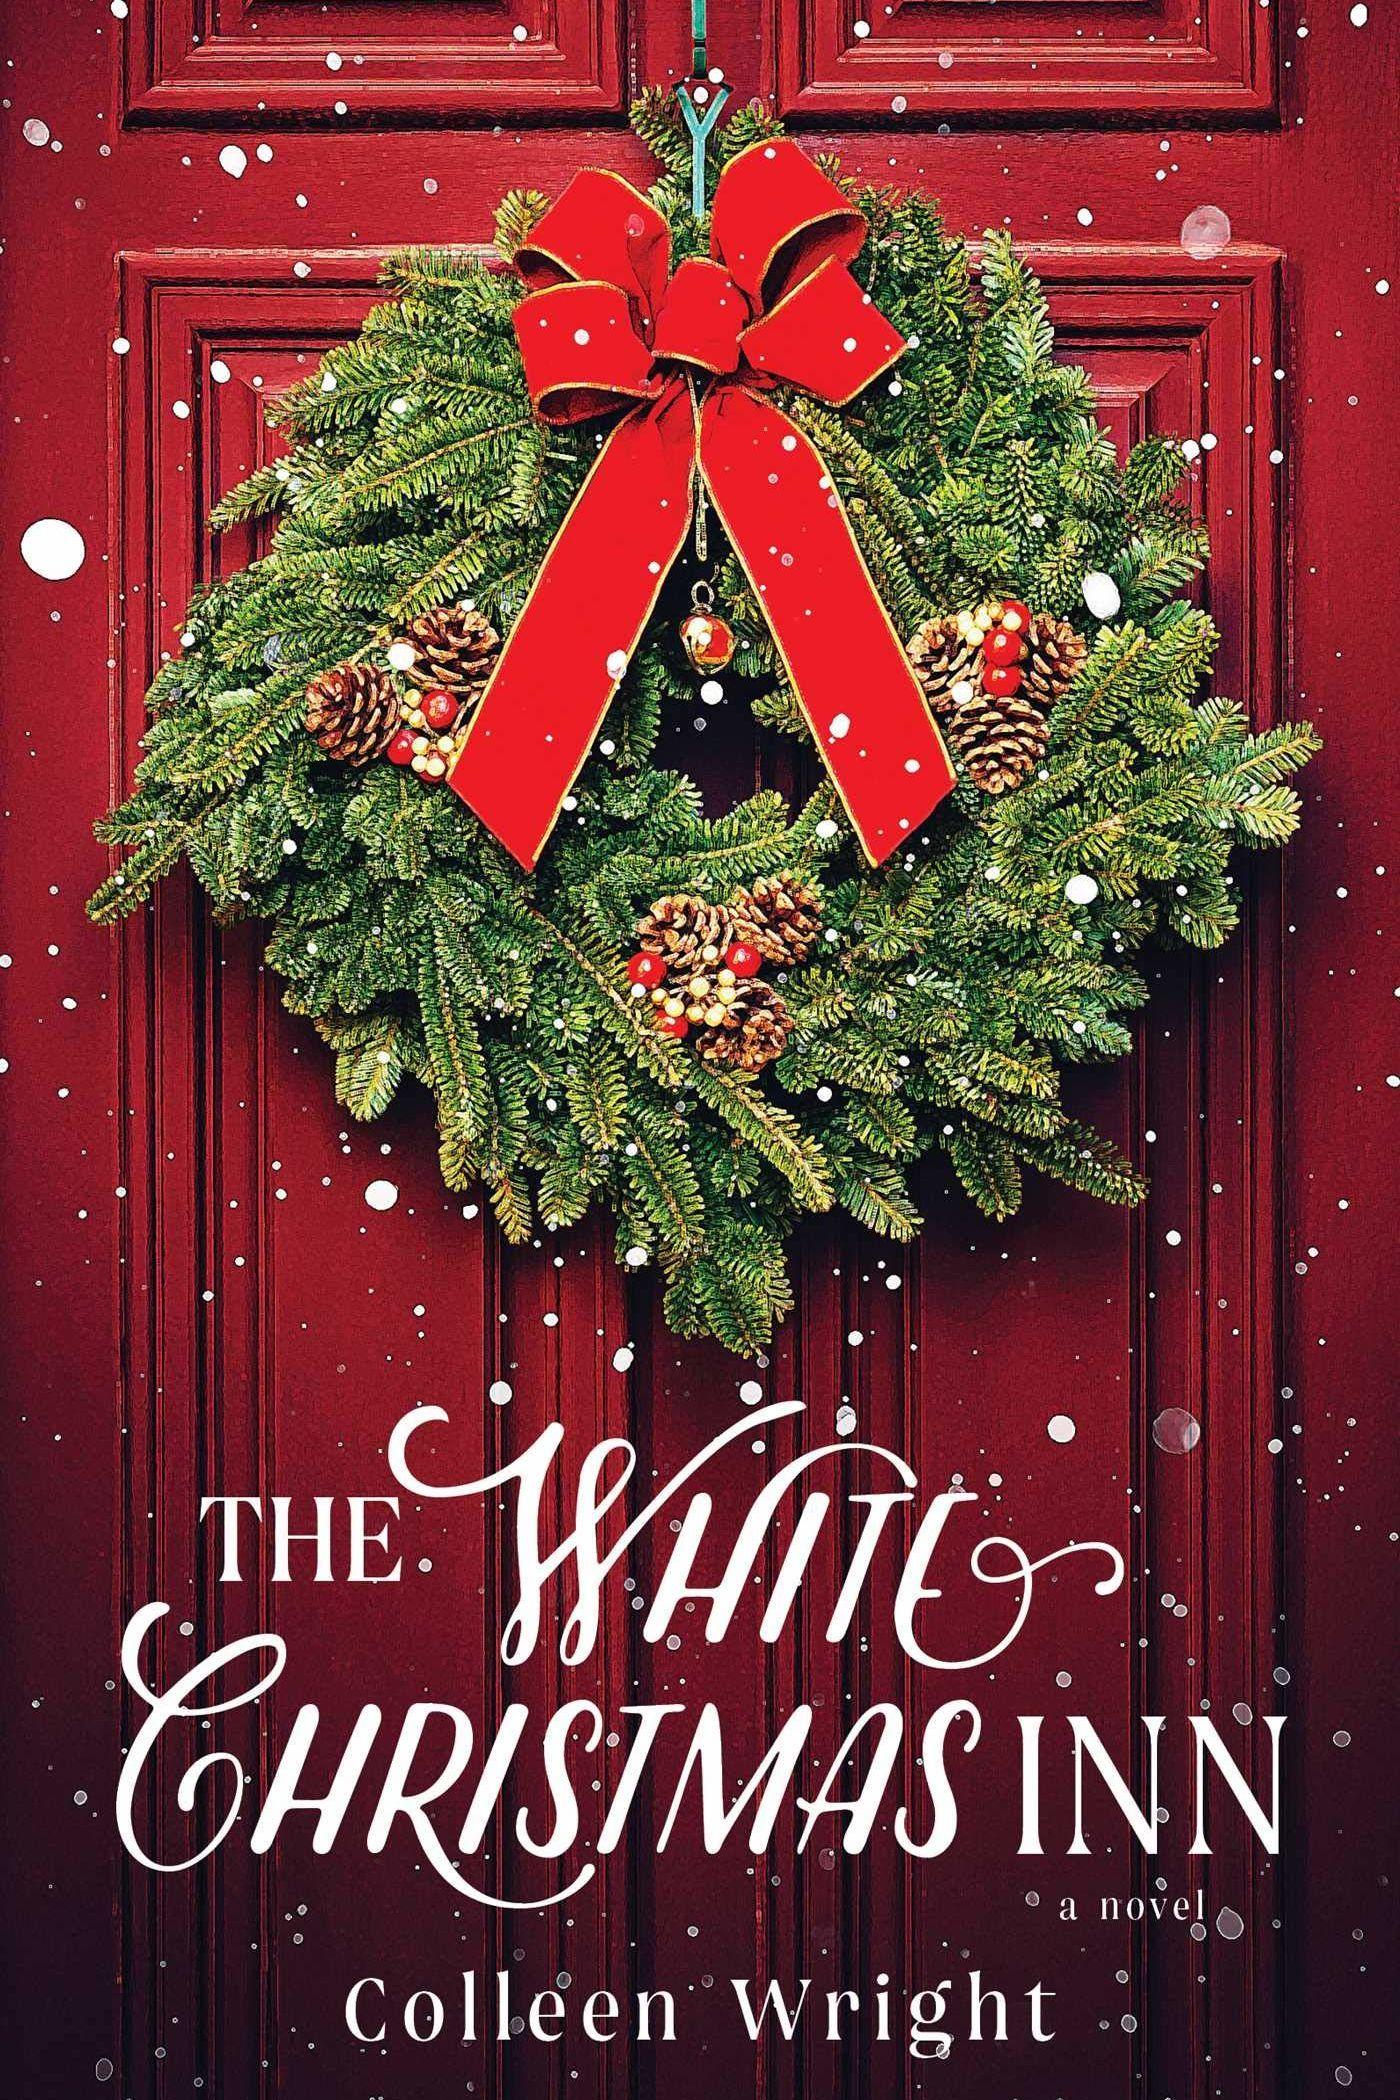 Christmas Novels 2020 30 Christmas Novels to Start Reading Now in 2020 | Christmas novel